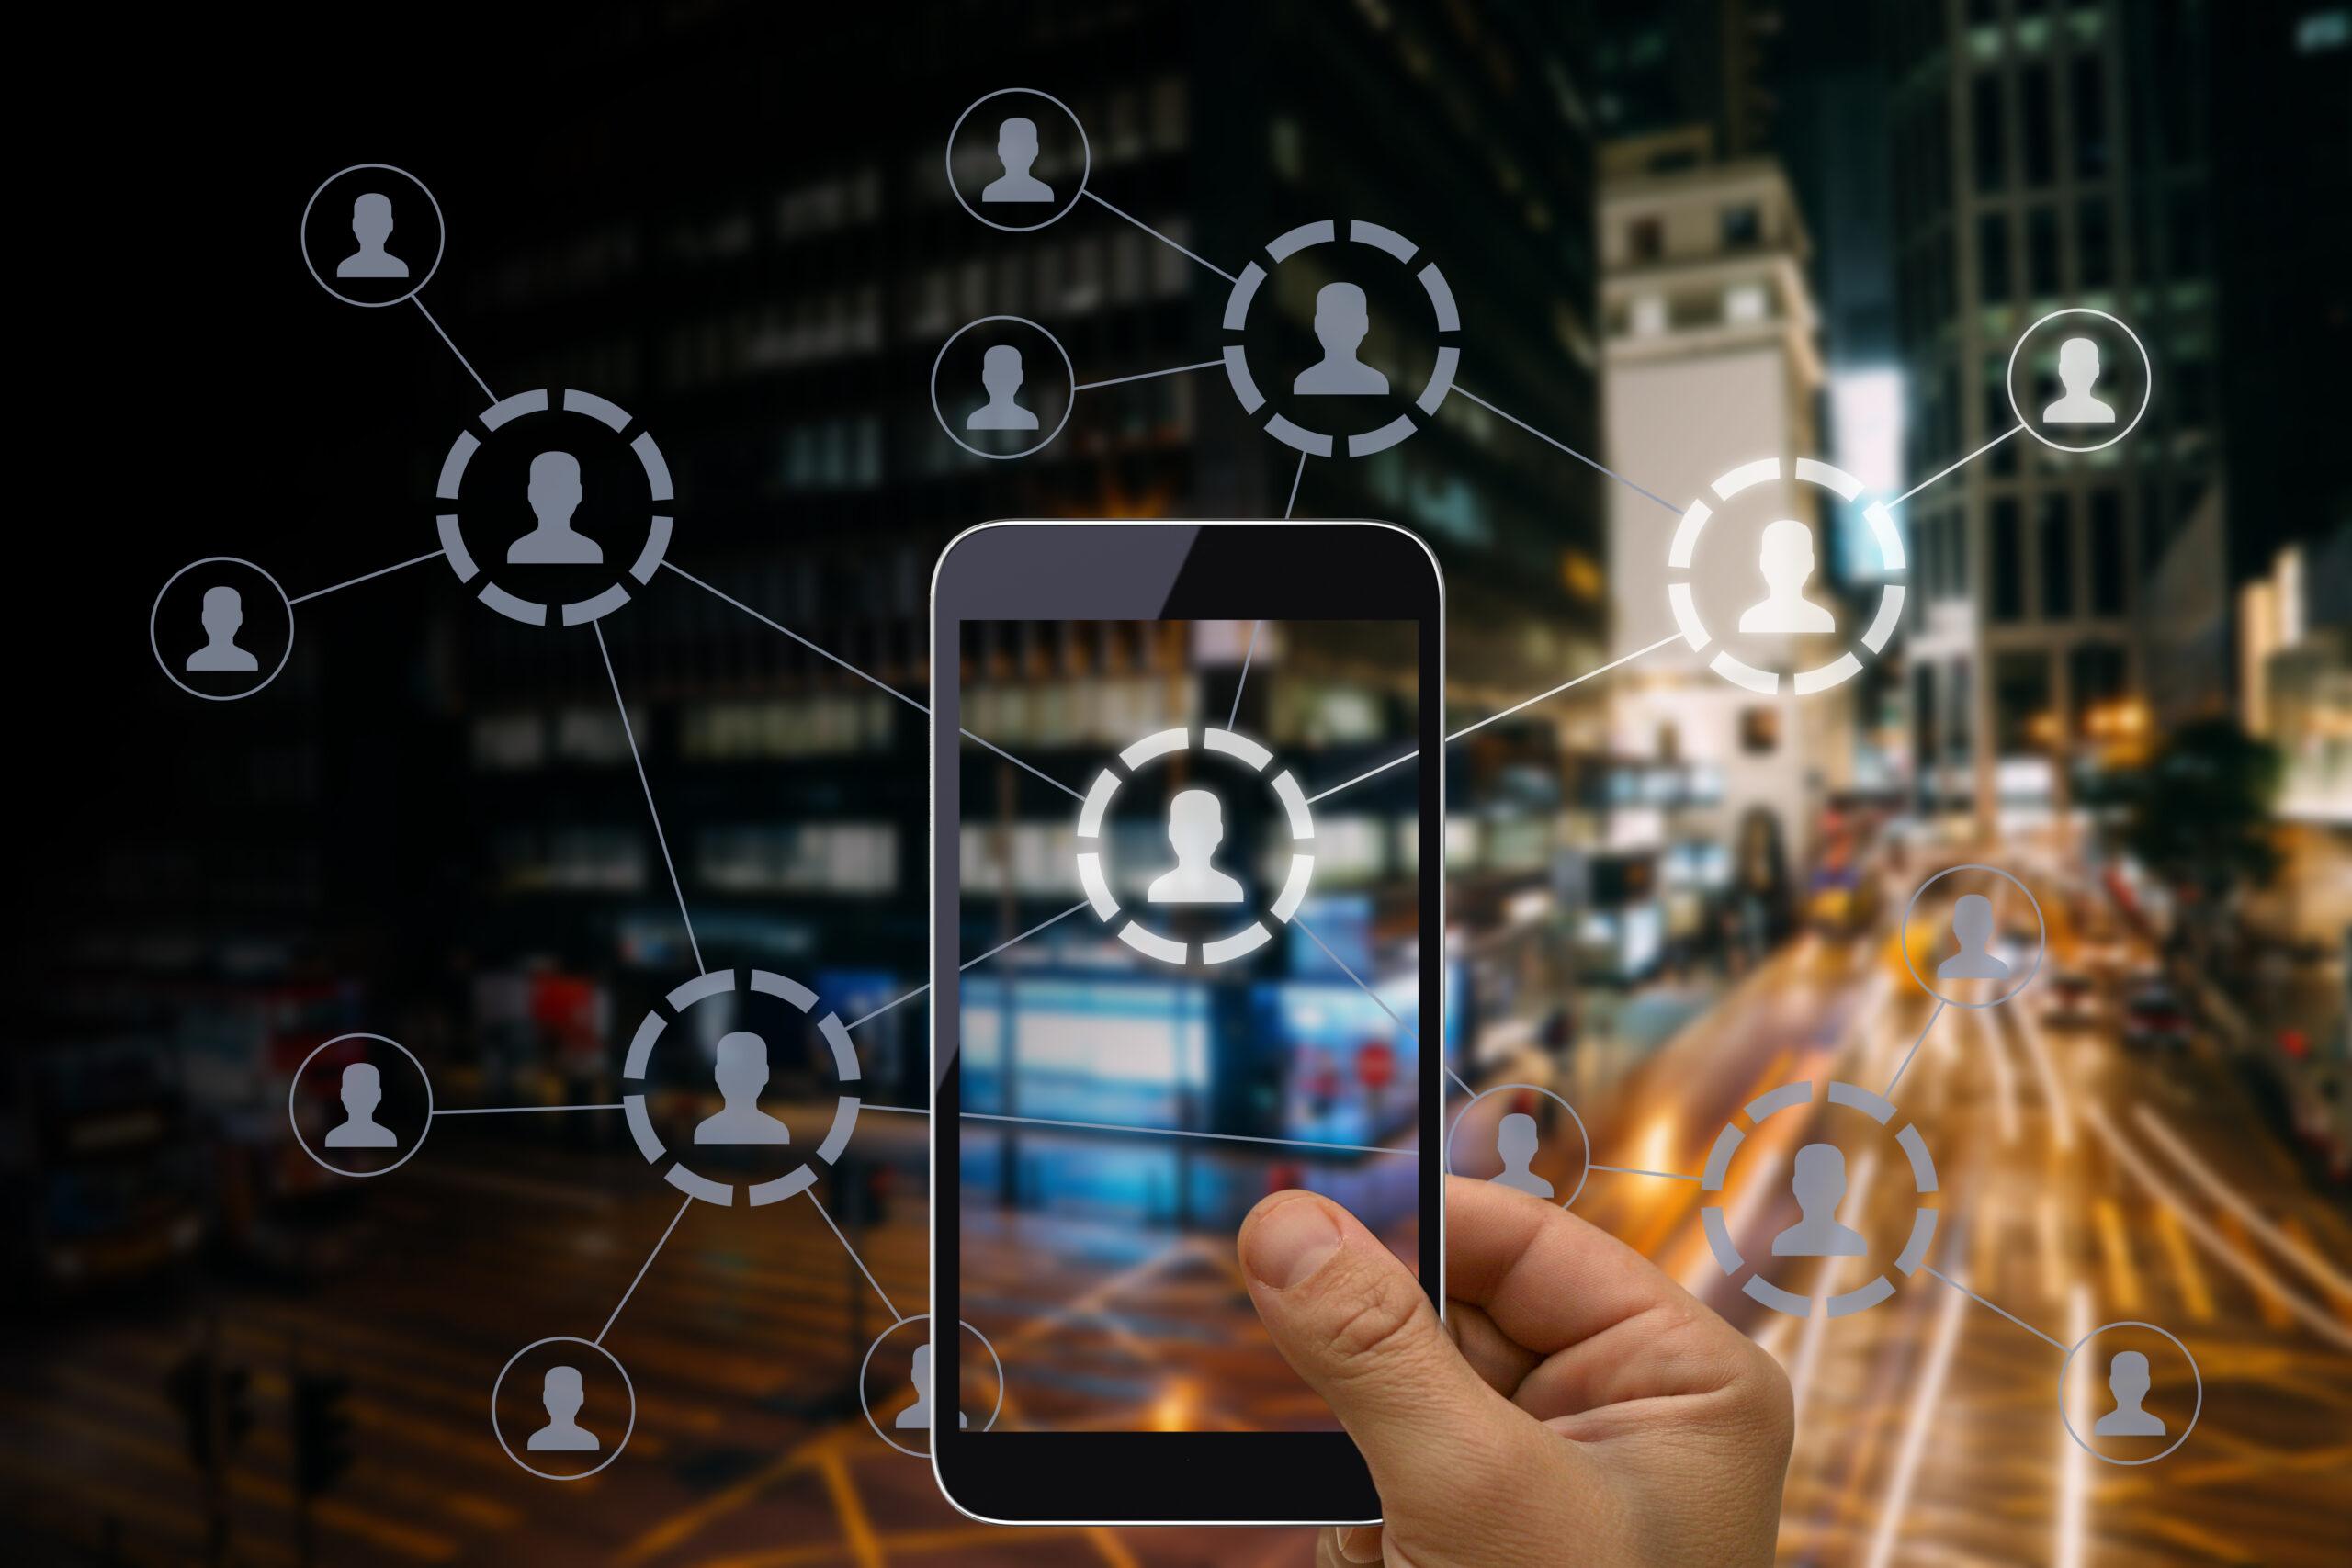 Applicazioni e ricadute delle tecnologie digitali nella società: Esperienze e progetti del dipartimento tecnologie innovative della SUPSI